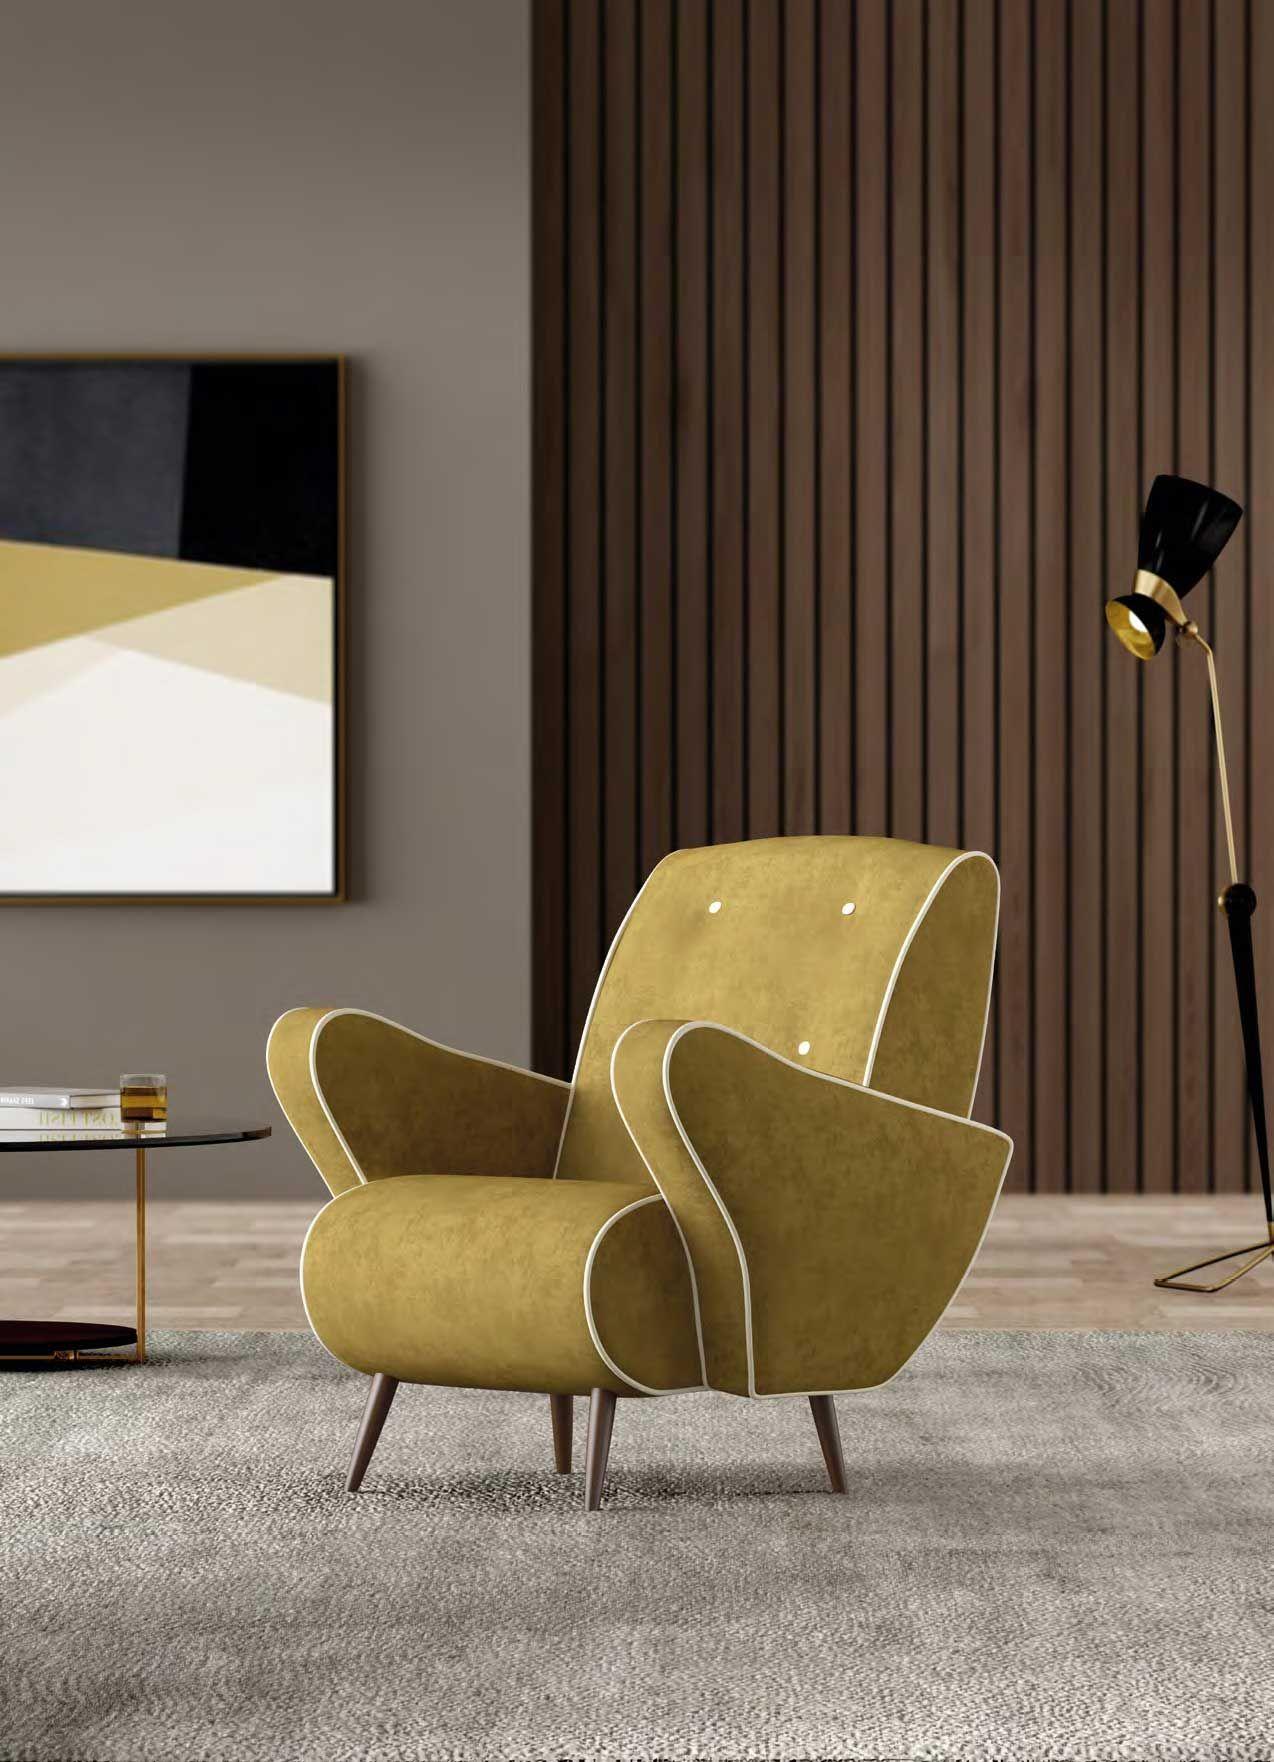 Innenarchitektur von schlafzimmermöbeln pin von ute buntrockgrabosch auf mobiliarfurniture  pinterest